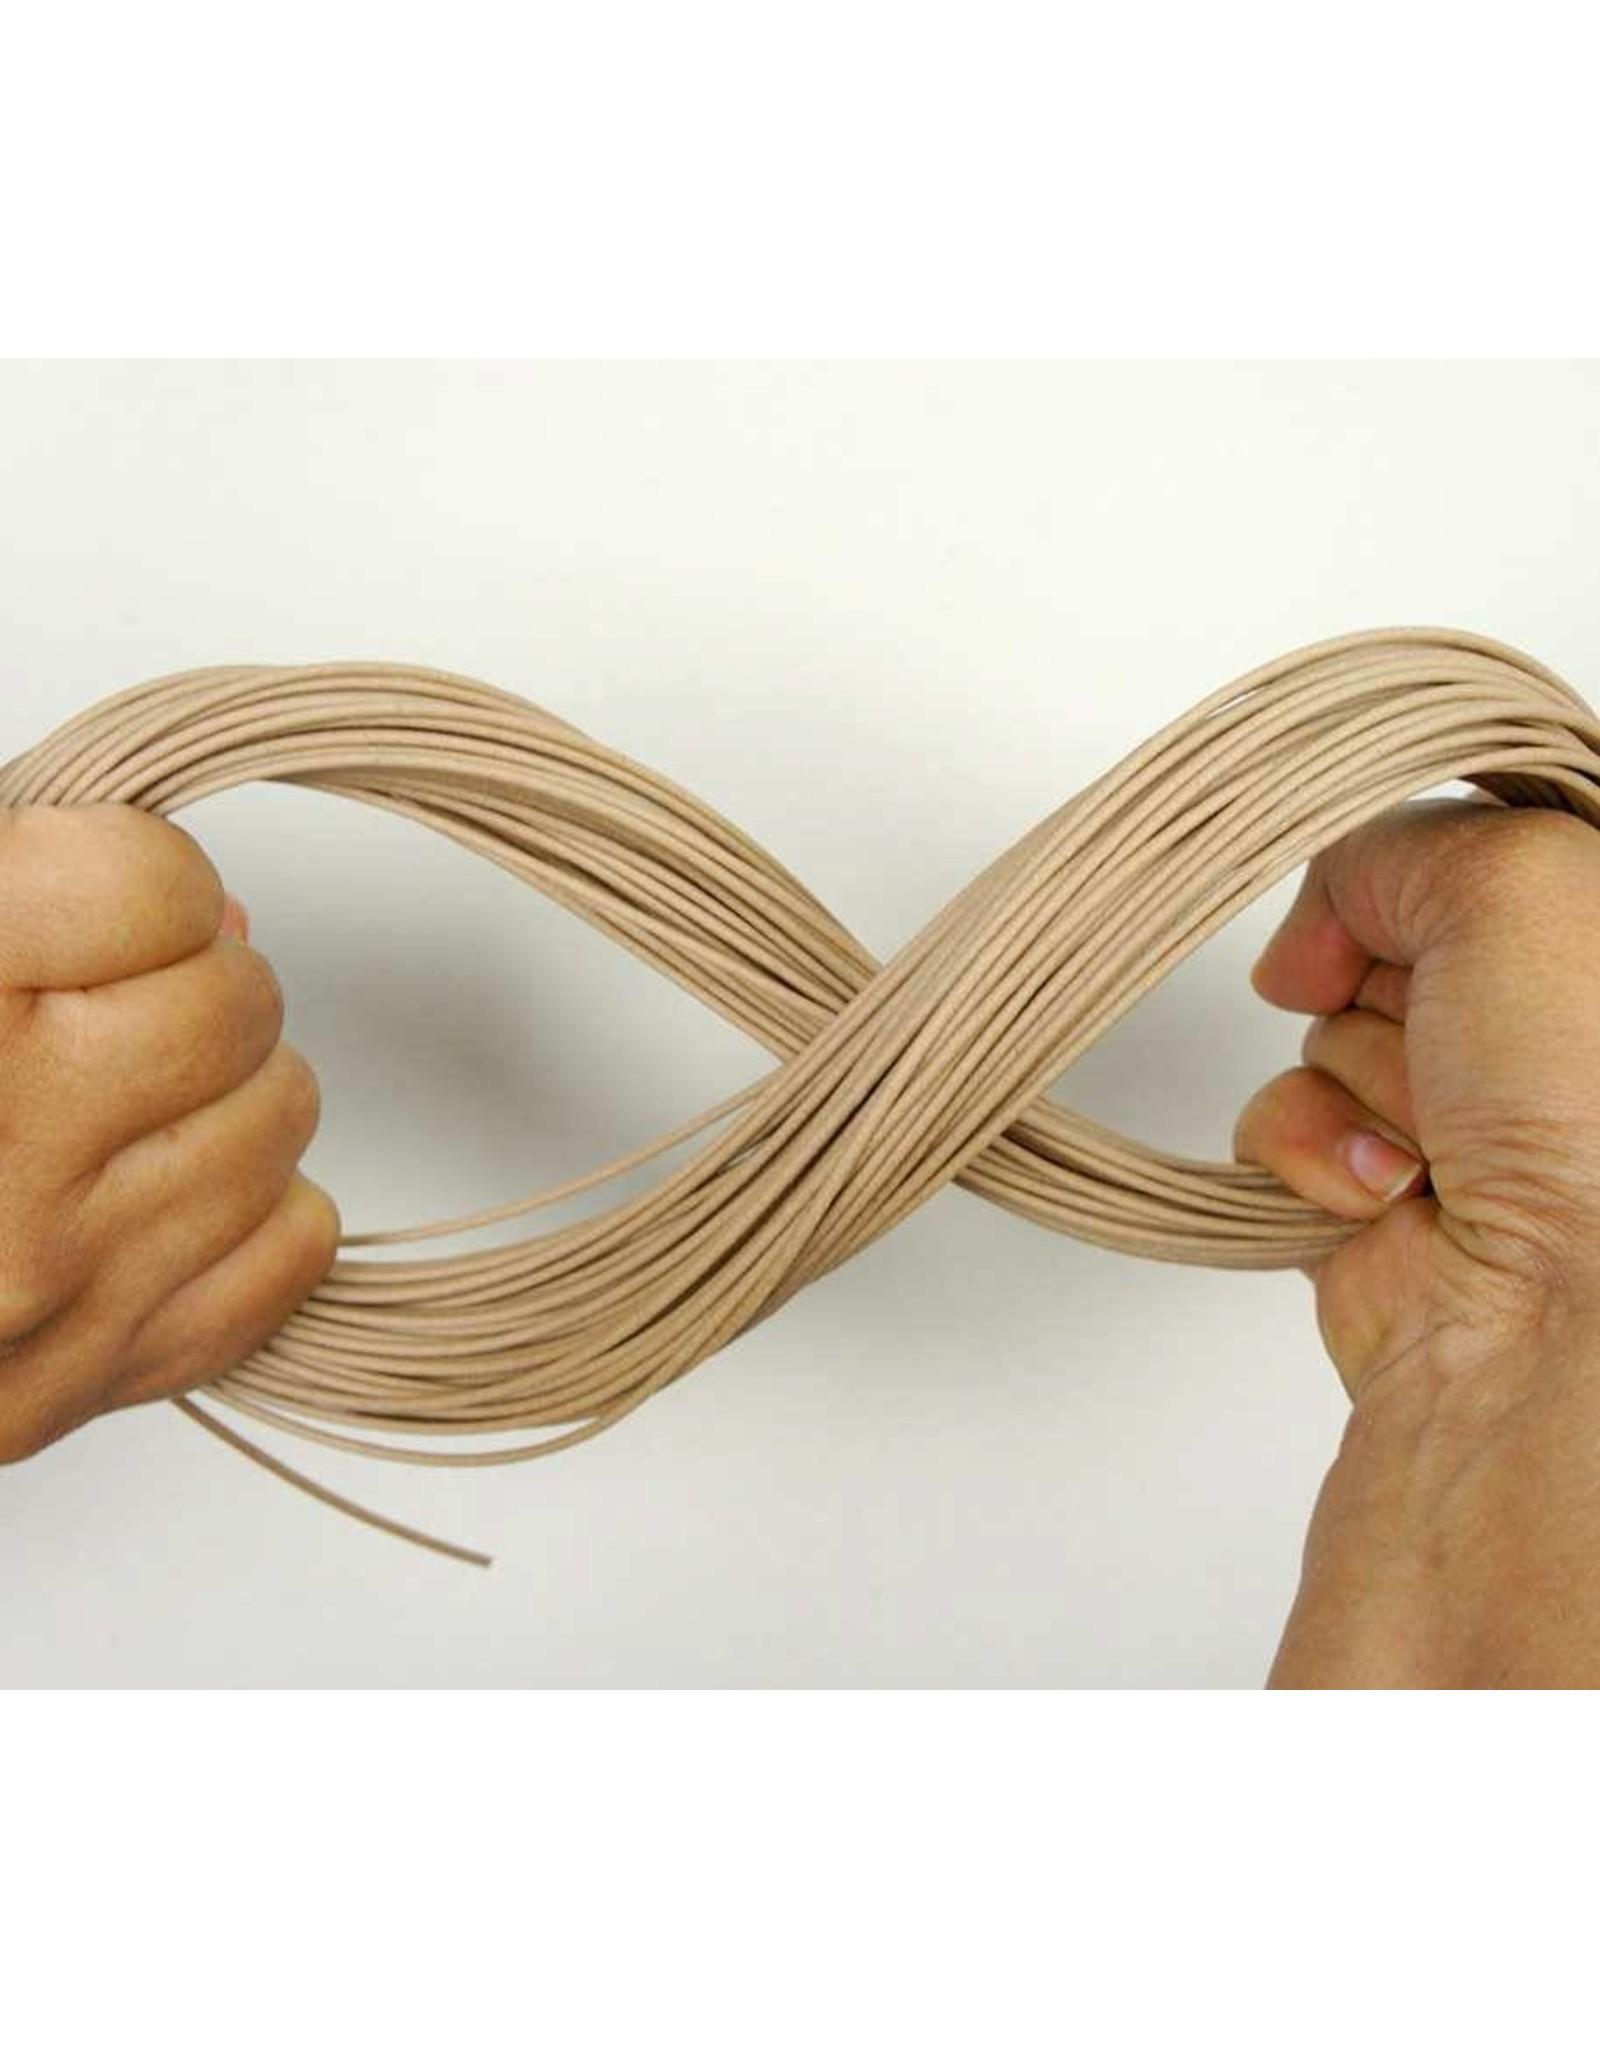 LAY Filaments LAYWOO-D3 Flex coil 3mm, 0.25 kg